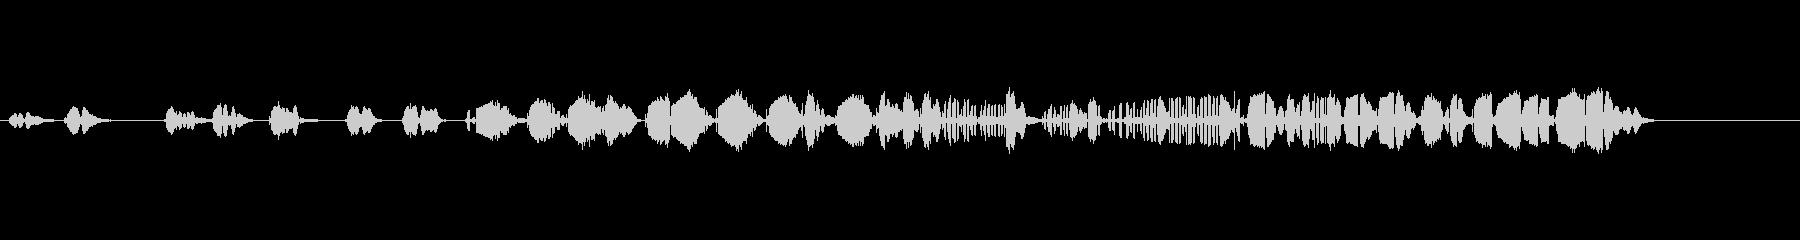 レーザーファイア、ヘビーの未再生の波形